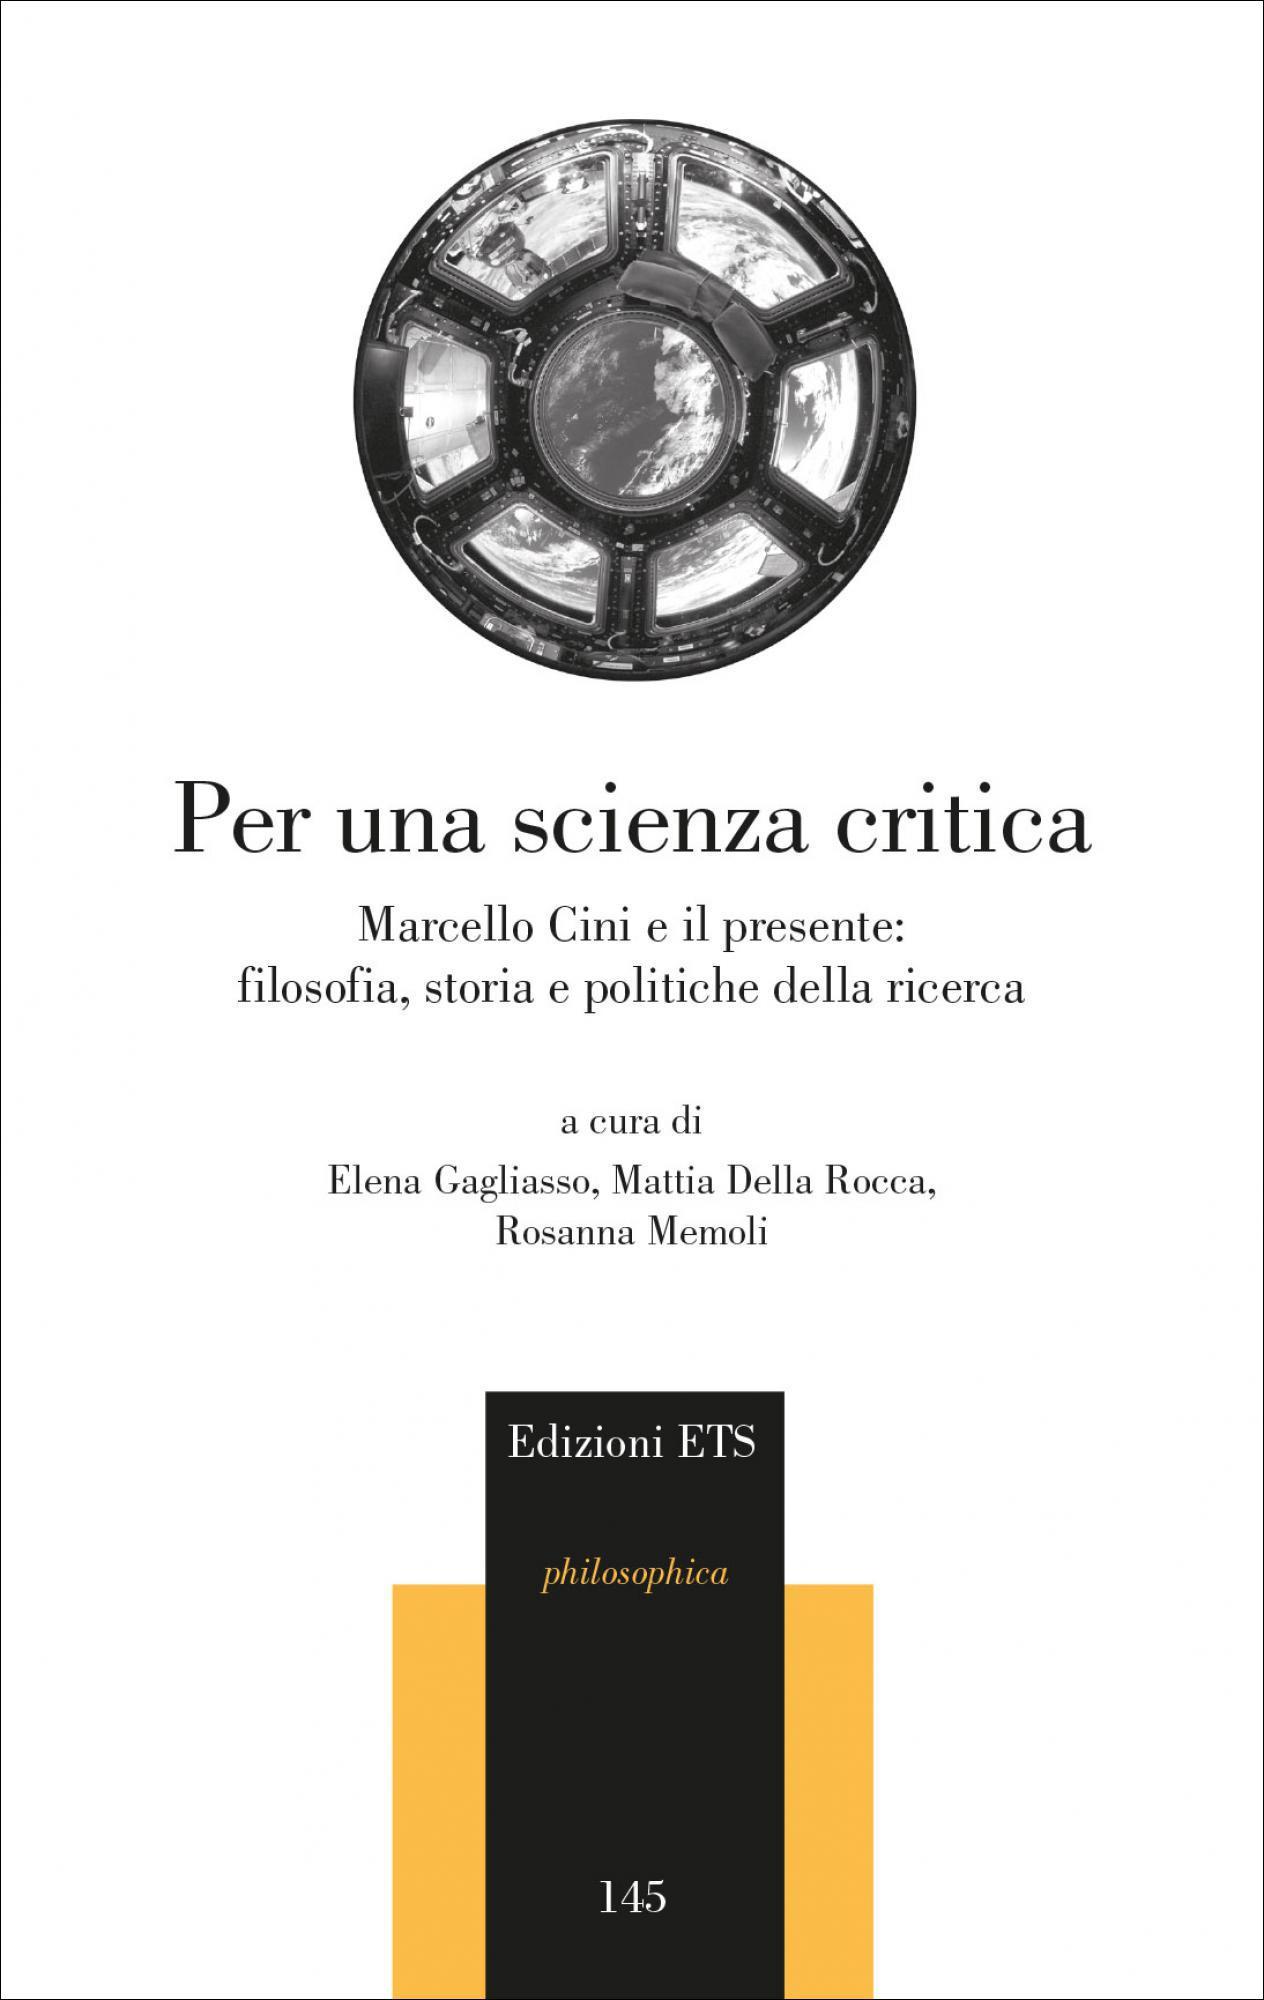 Per una scienza critica.Marcello Cini e il presente: filosofia, storia e politiche della ricerca